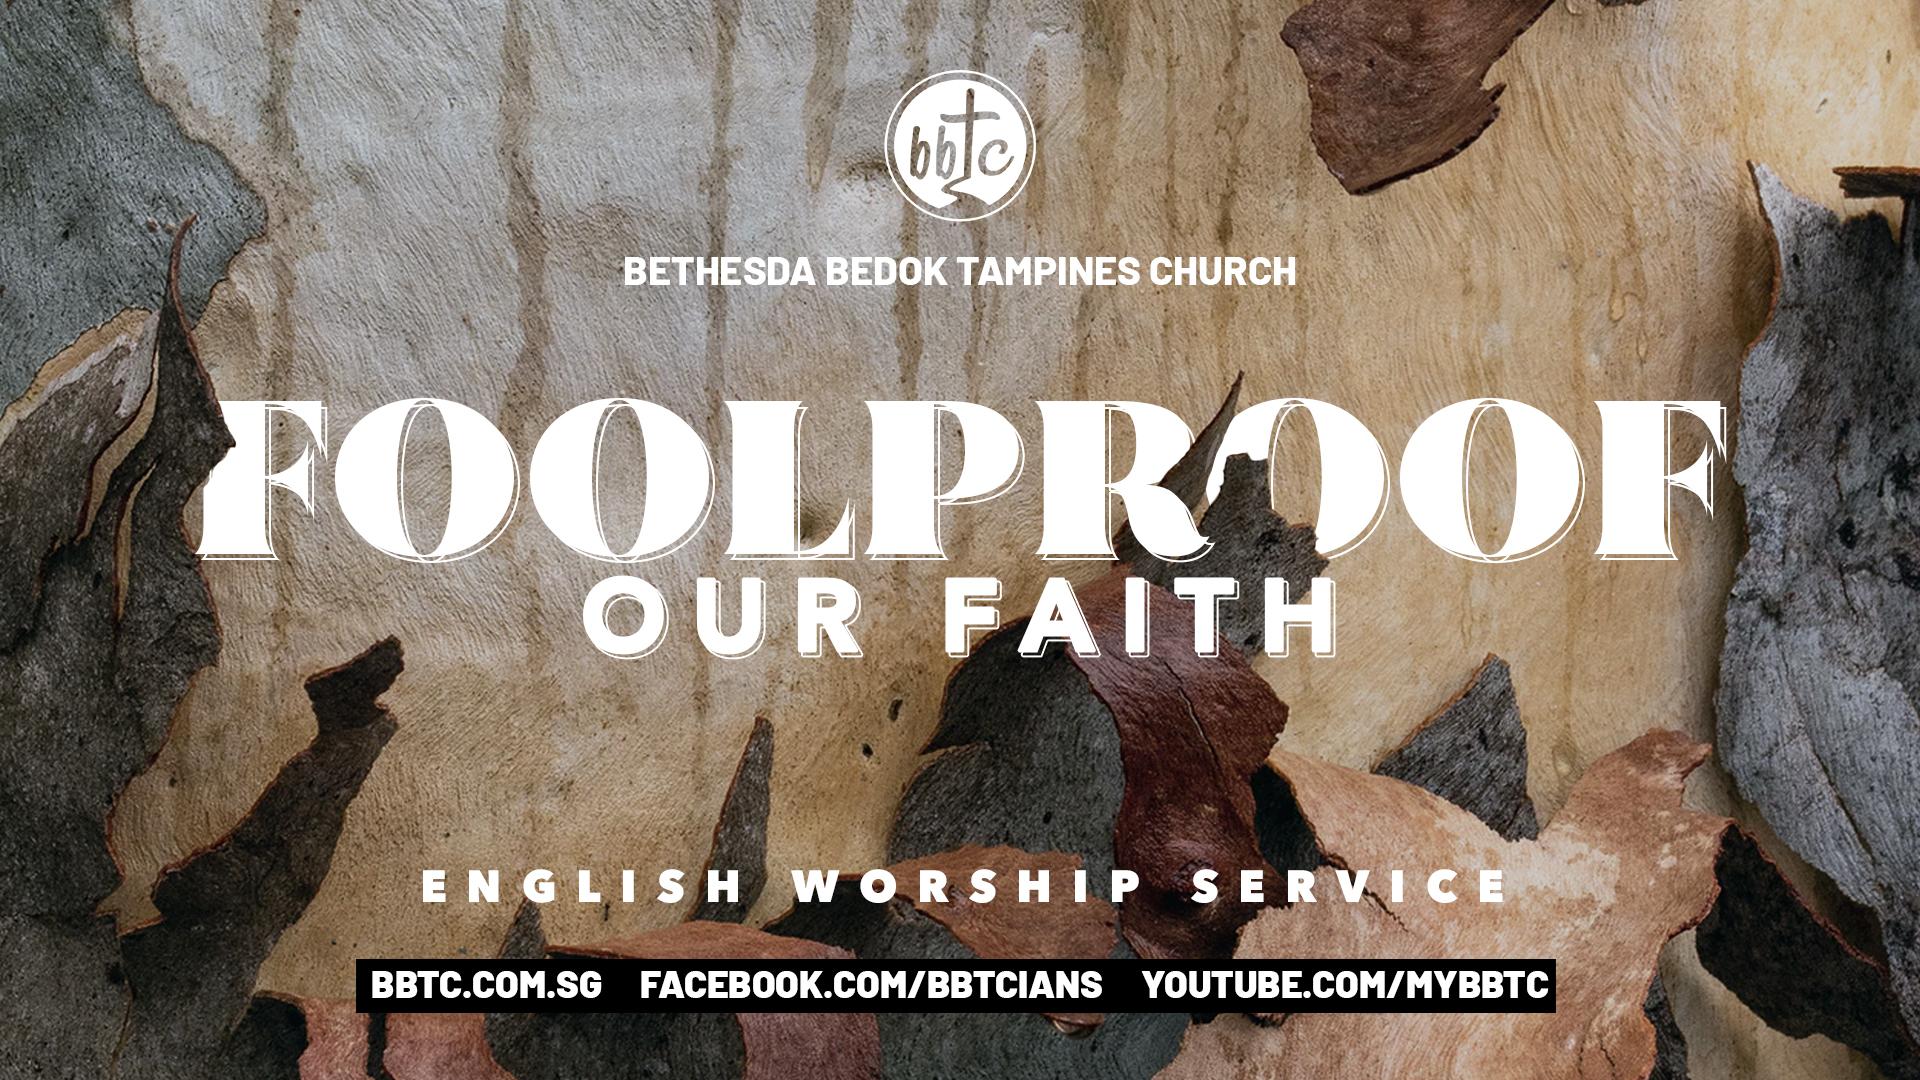 Foolproof Our Faith